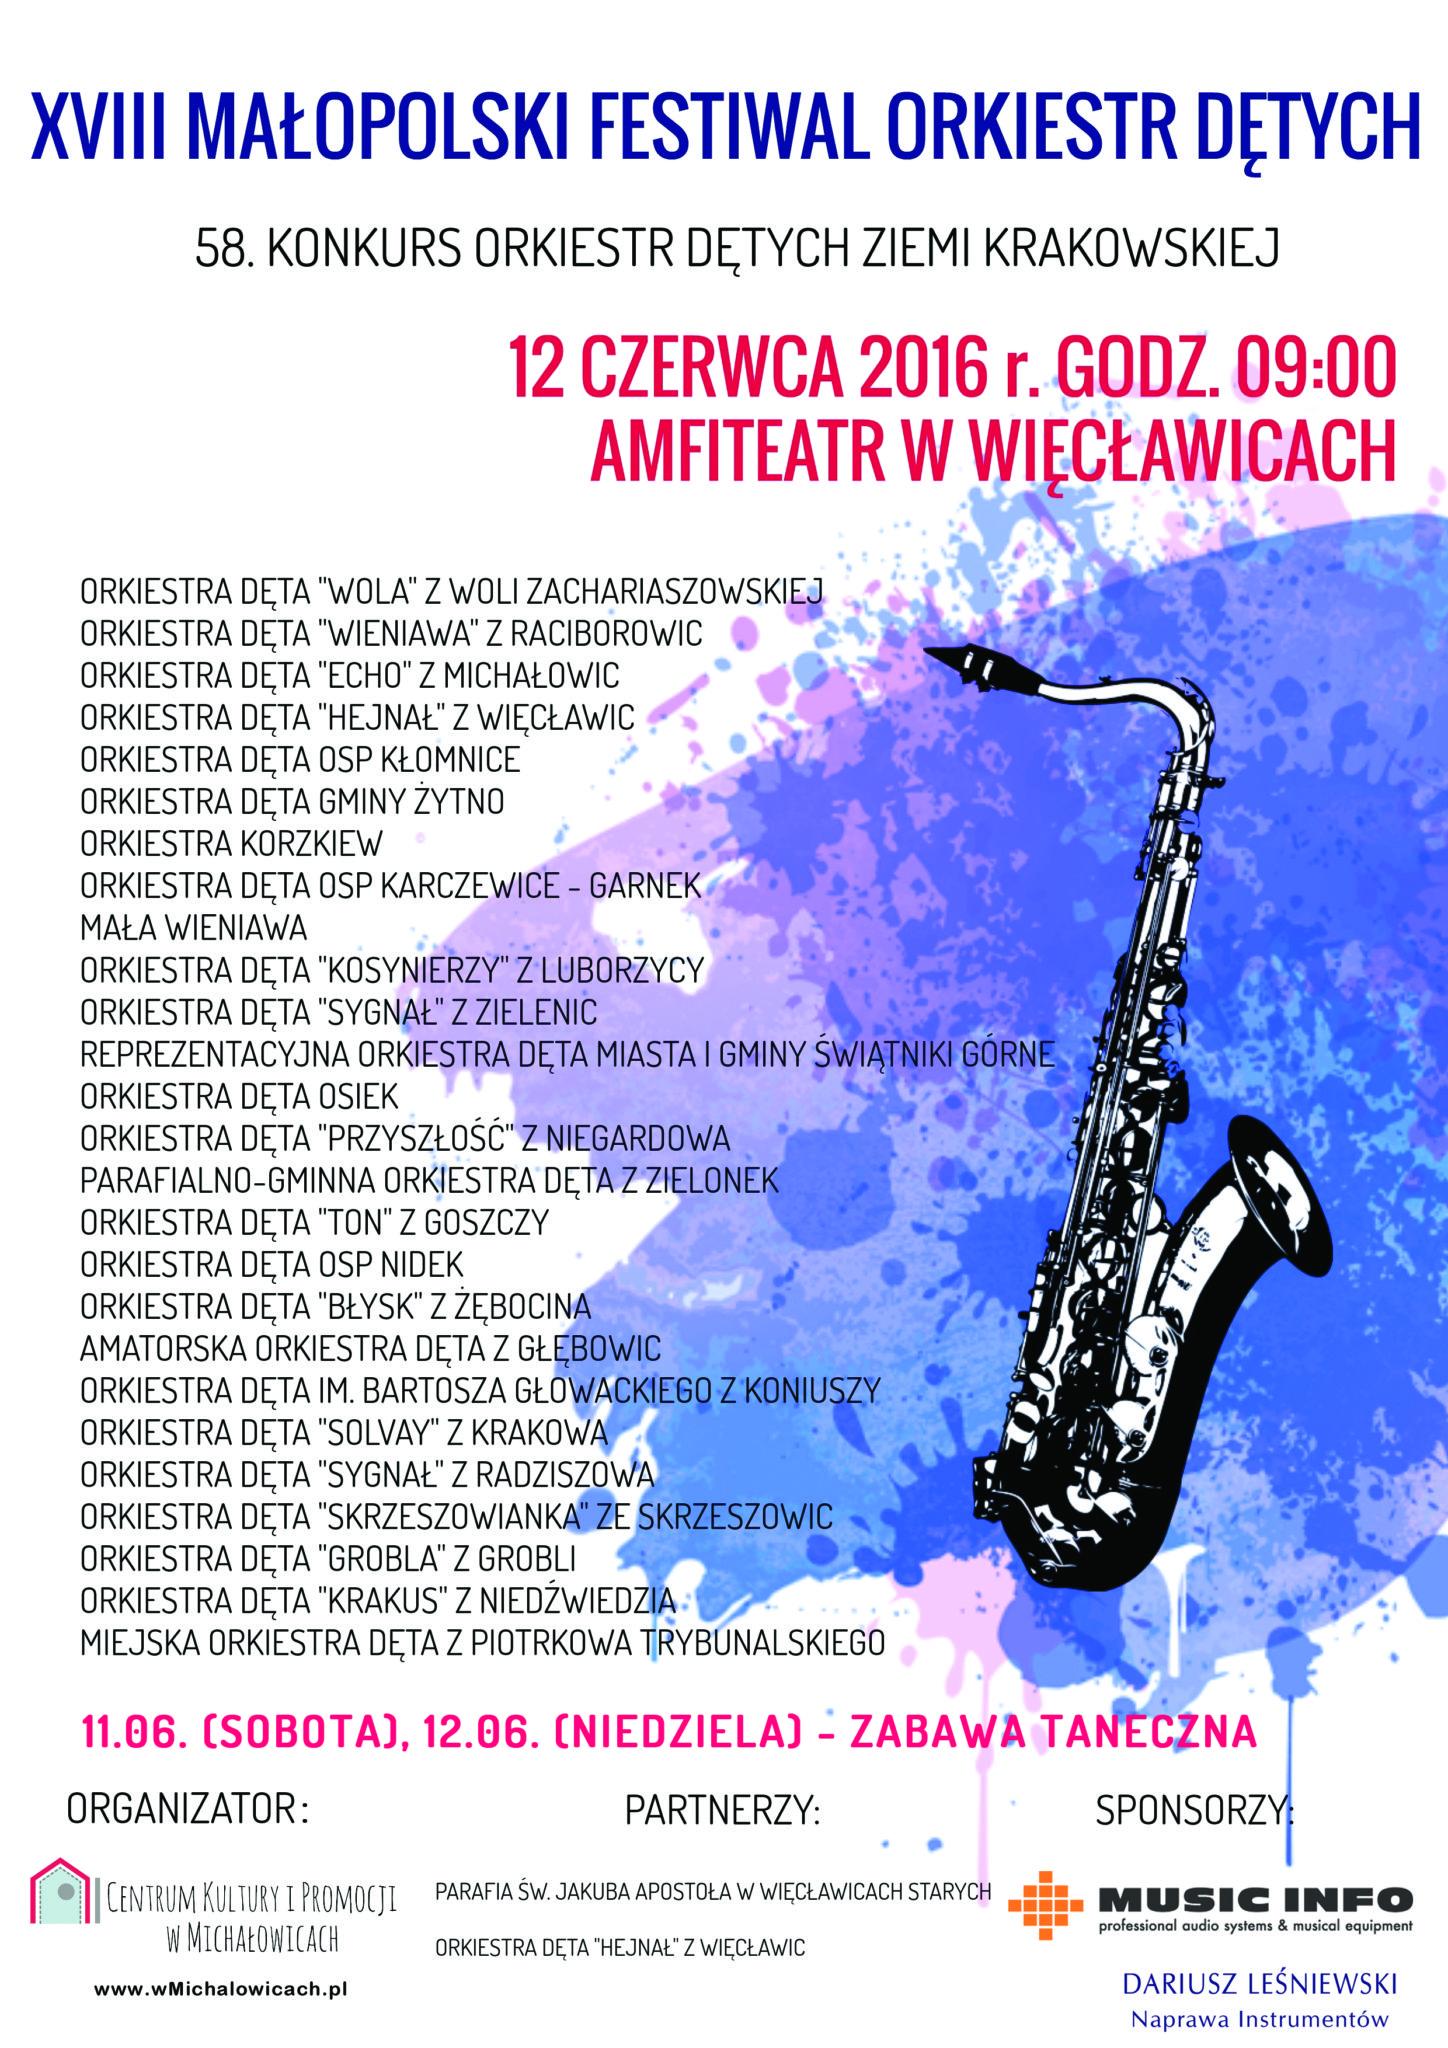 plakat orkiestry dete i partnerzyostatniawersja